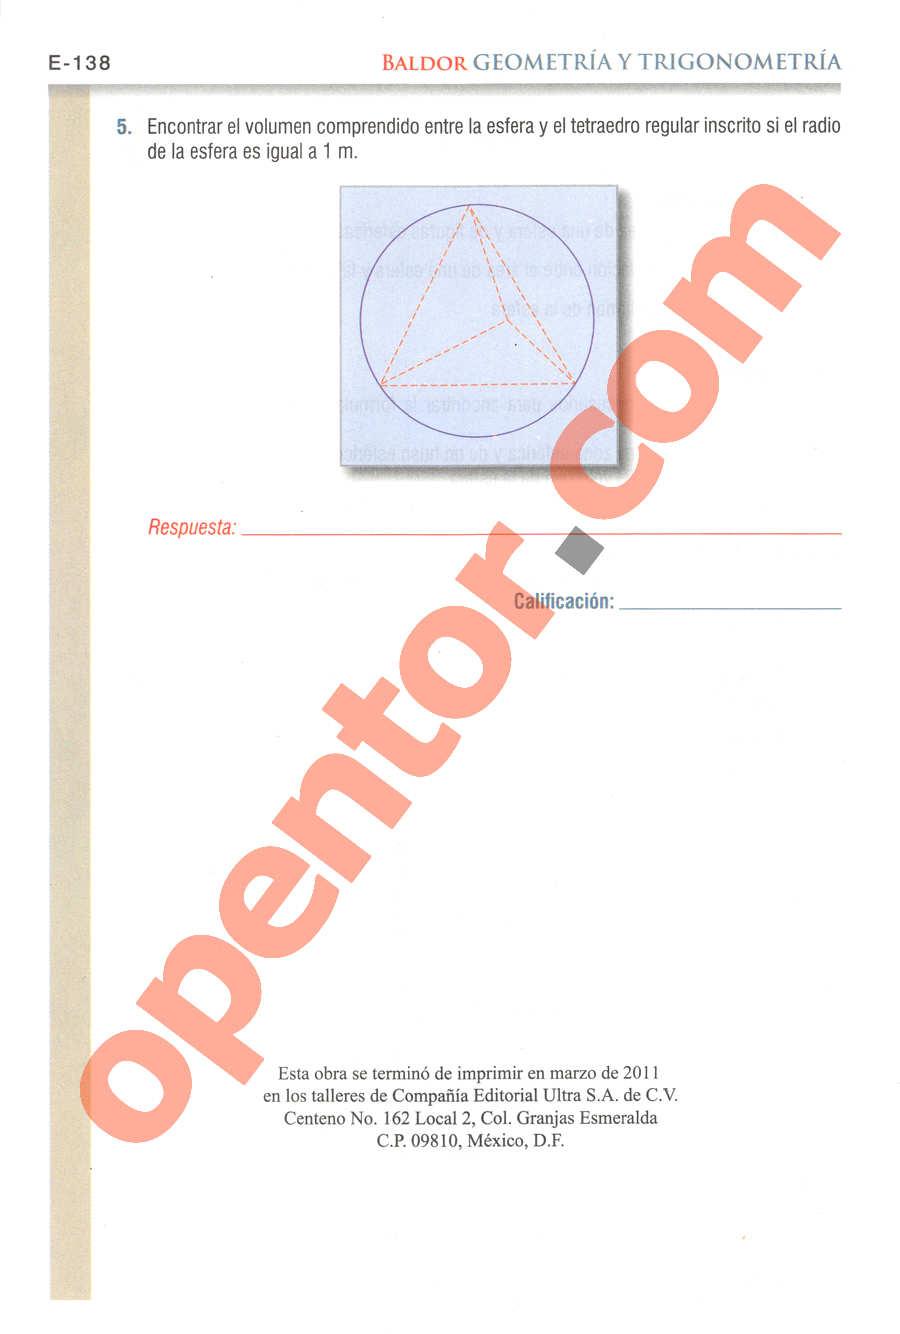 Geometría y Trigonometría de Baldor - Página E138